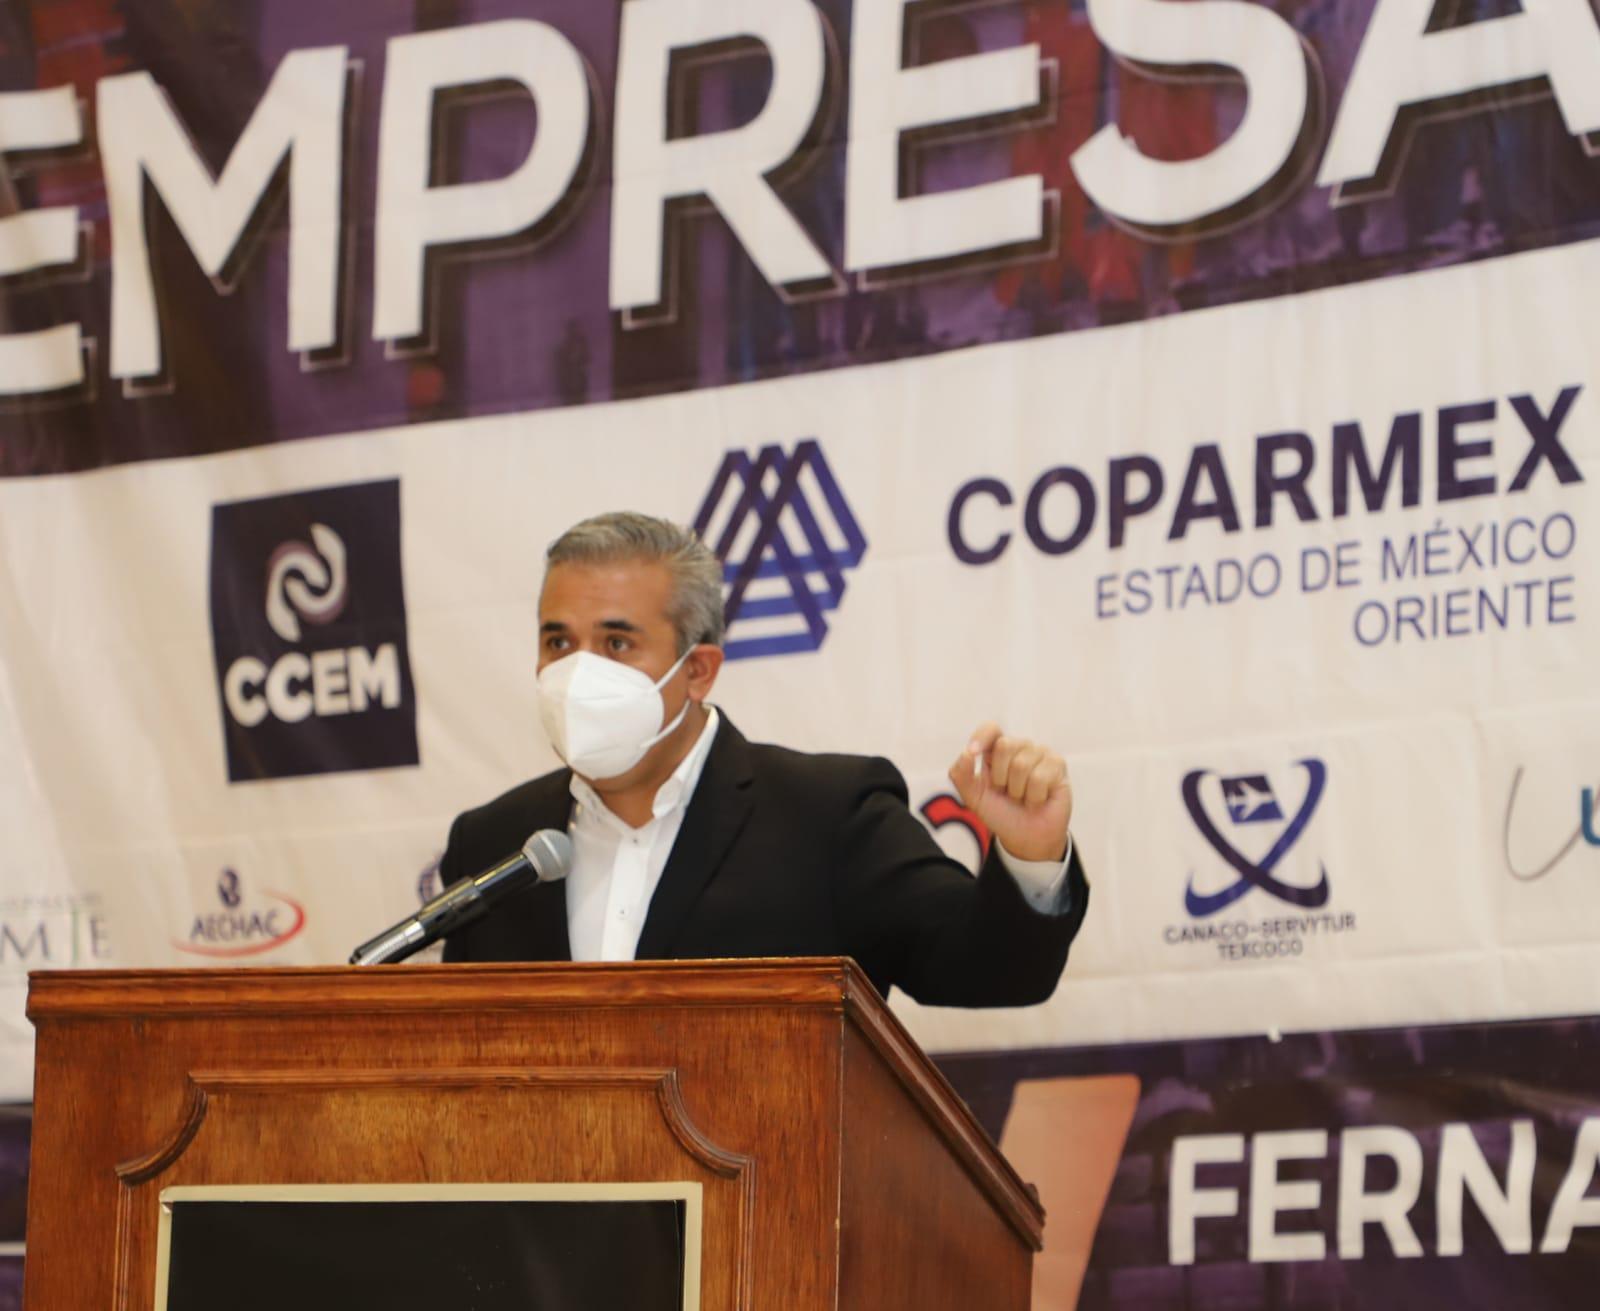 Fernando Vilchis propone facilitar la apertura de empresas para crear empleos en Ecatepec